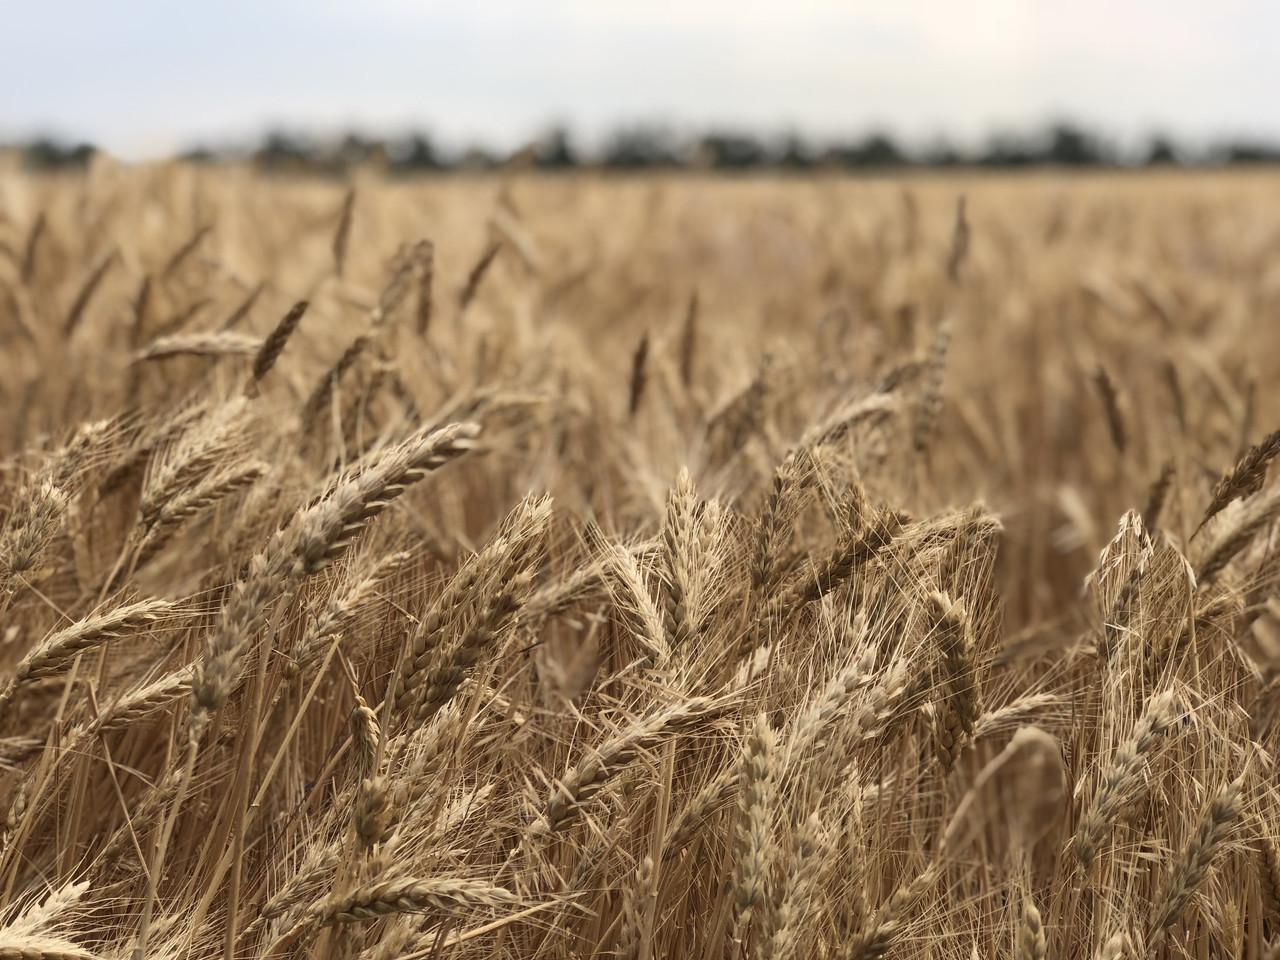 Сорта пшеницы озимой ЖУРАВКА ОДЕССКАЯ элита устойчива к экстремальной засухе